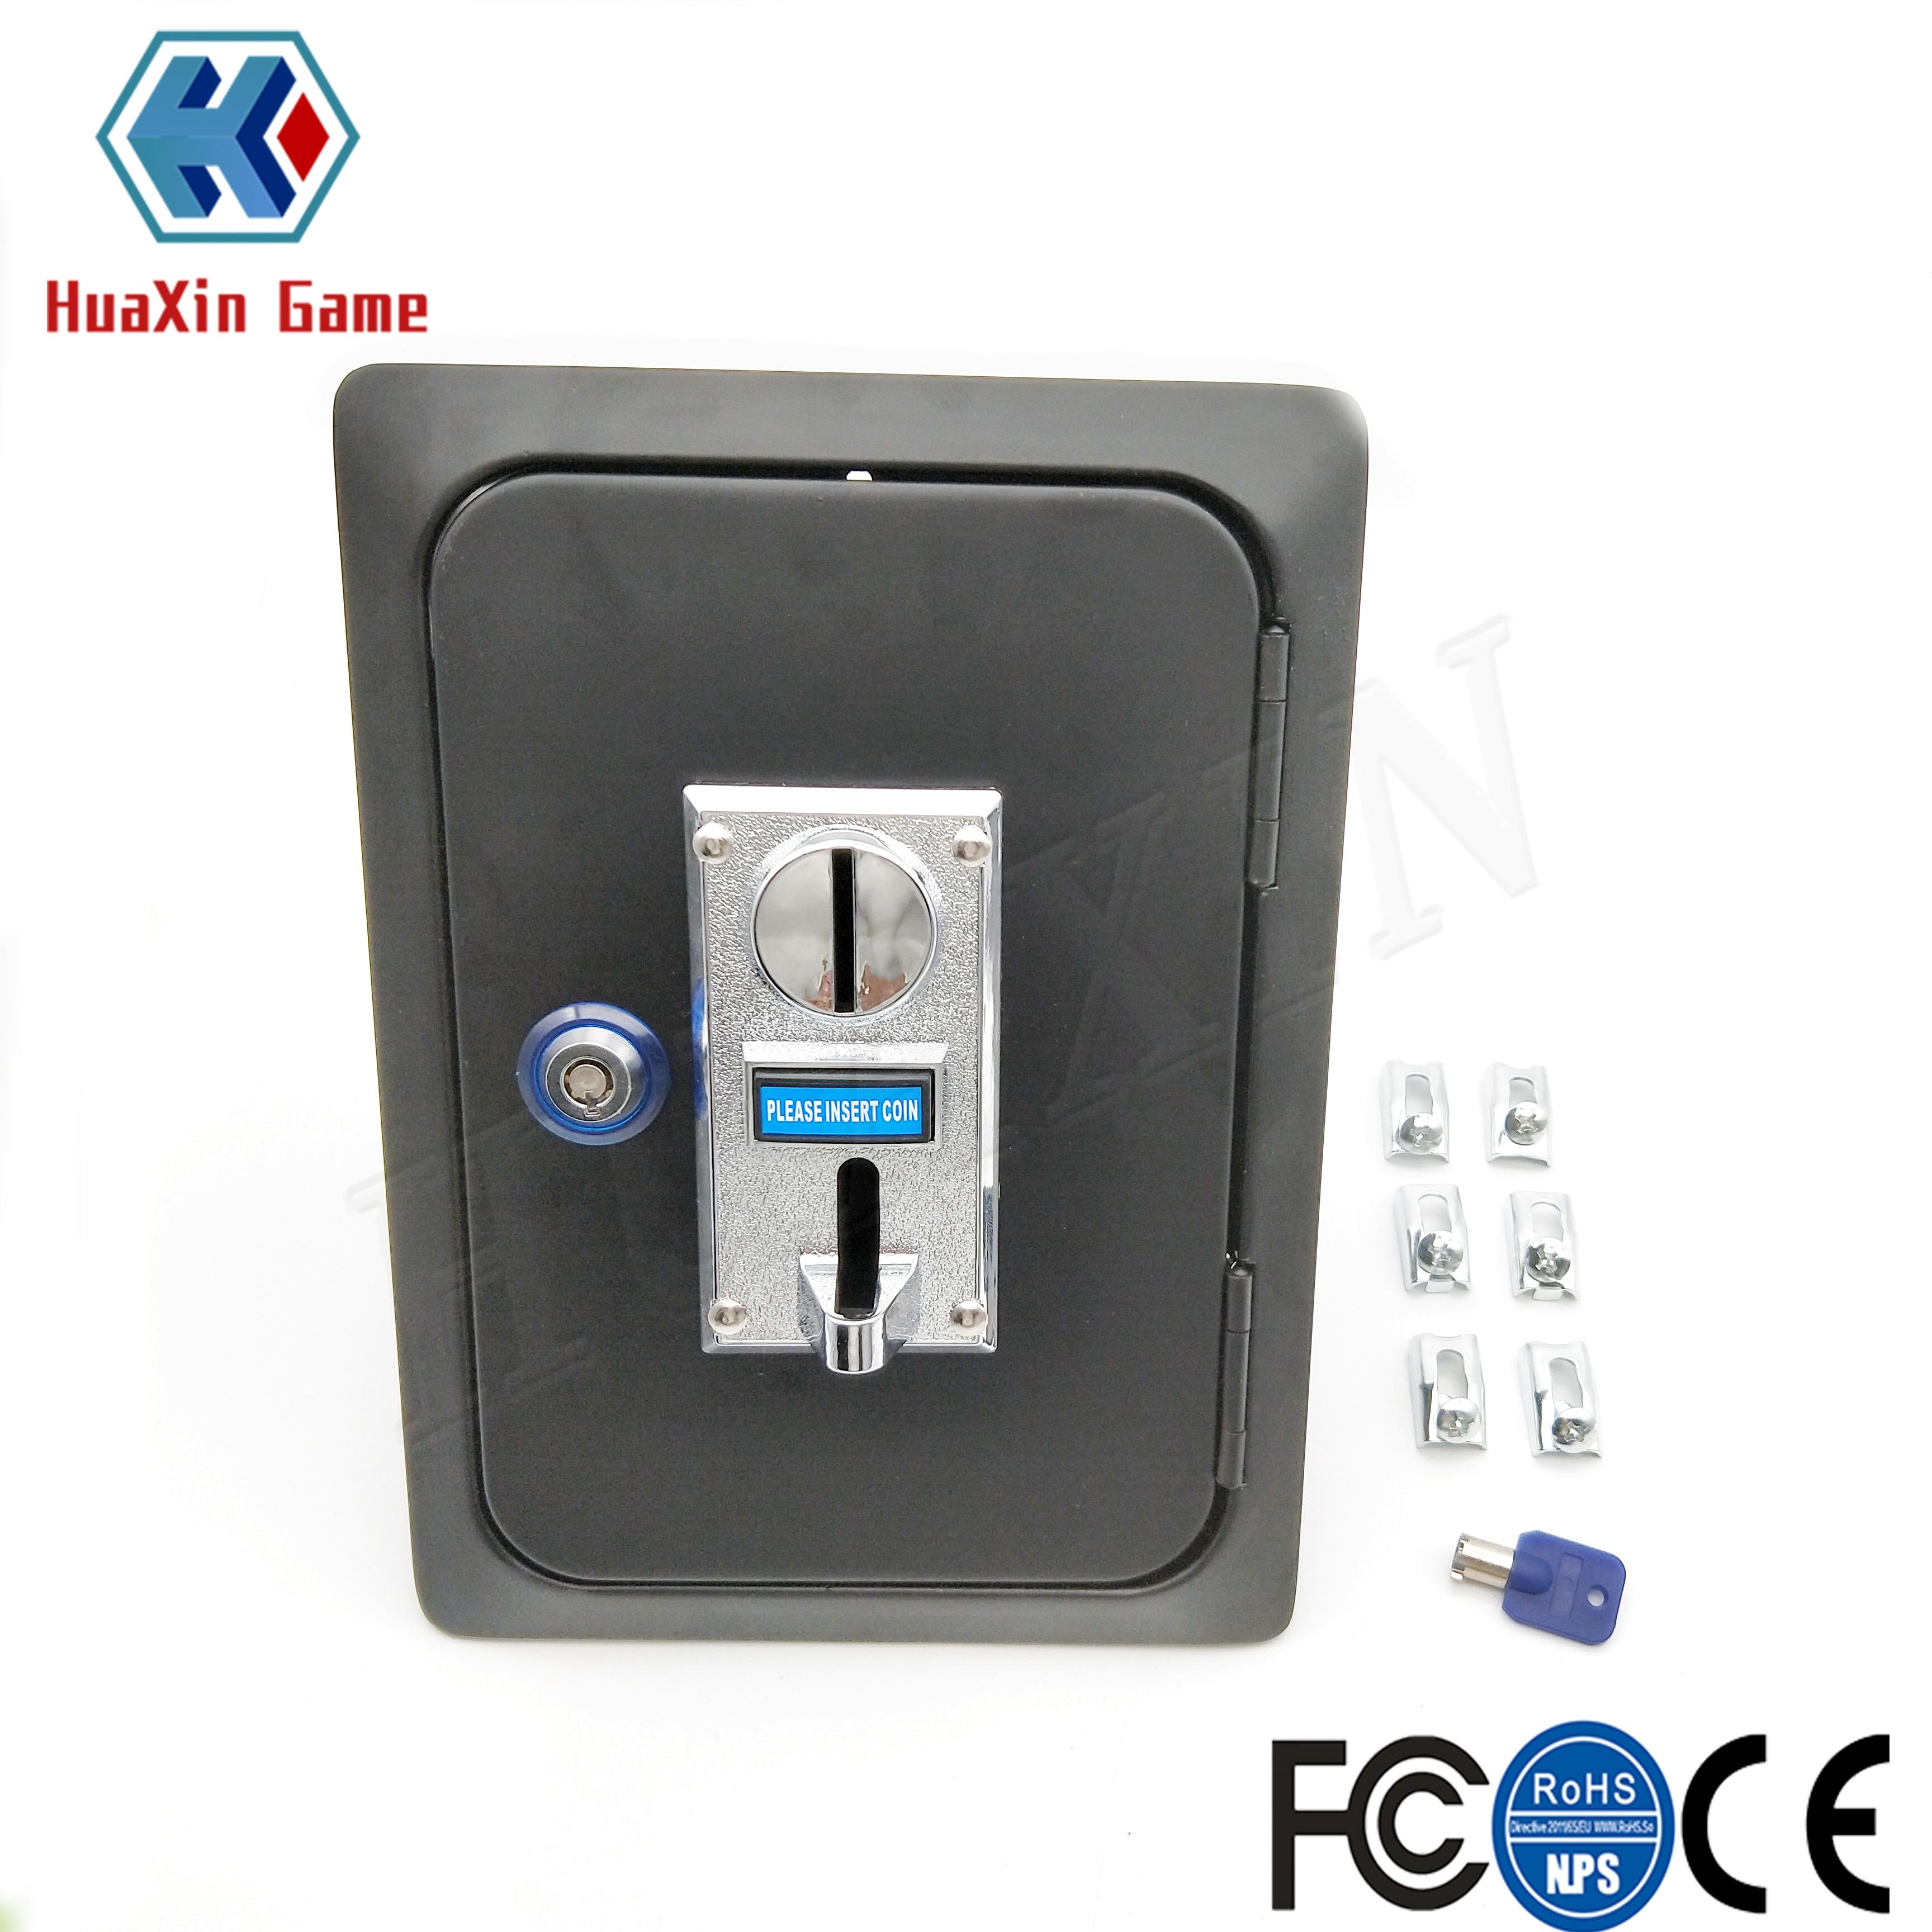 Аркадная монета, дверь с 6 видами различных мульти-акцептор селектора монет и замок для аркадных видеоигр, торговый автомат